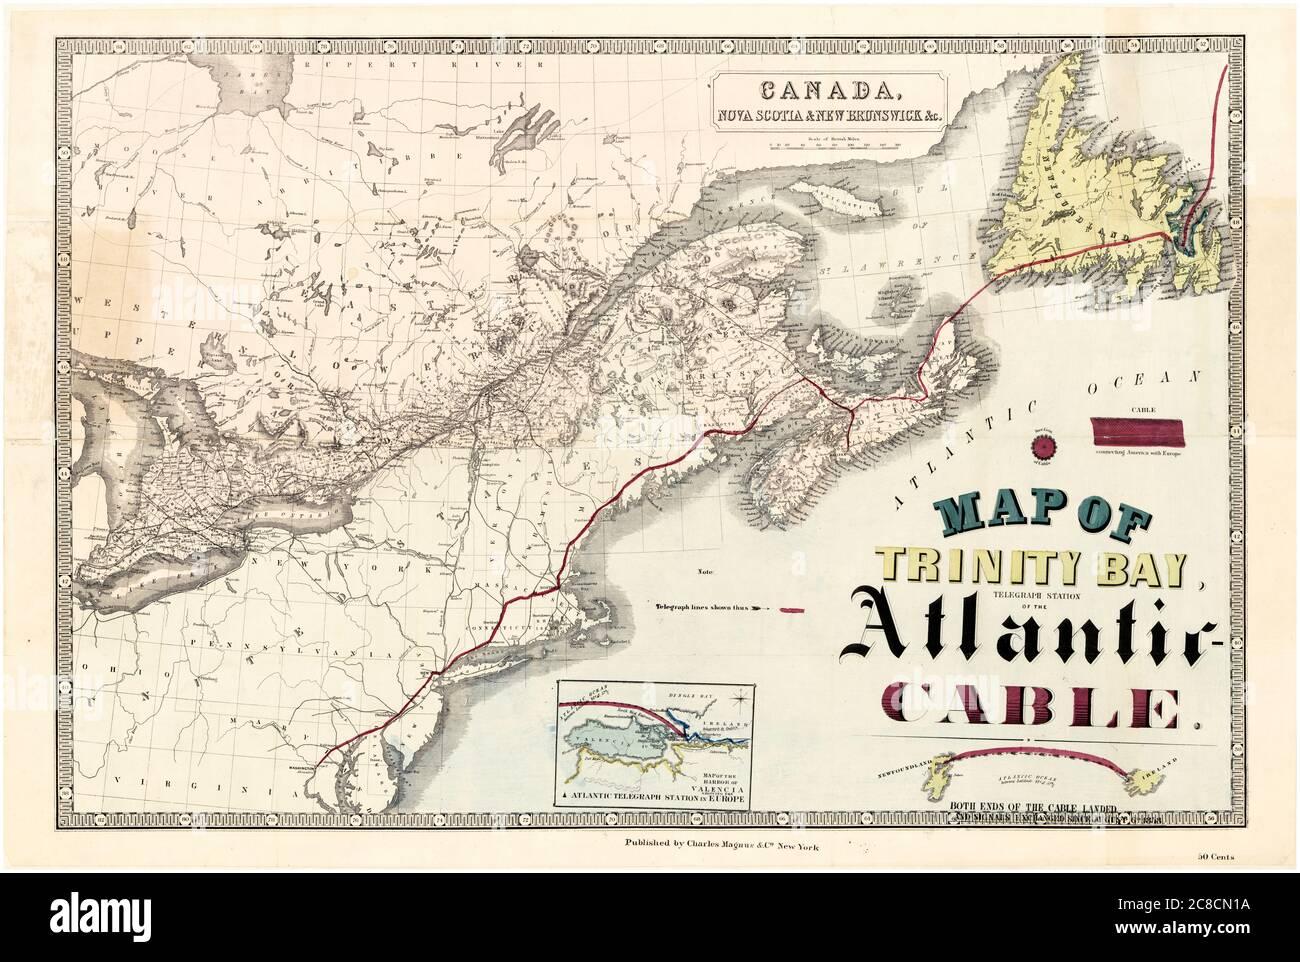 Mapa de Trinity Bay, Terranova, la Estación de Telégrafos del cable Transatlántico a través del Océano Atlántico, 1858 Foto de stock